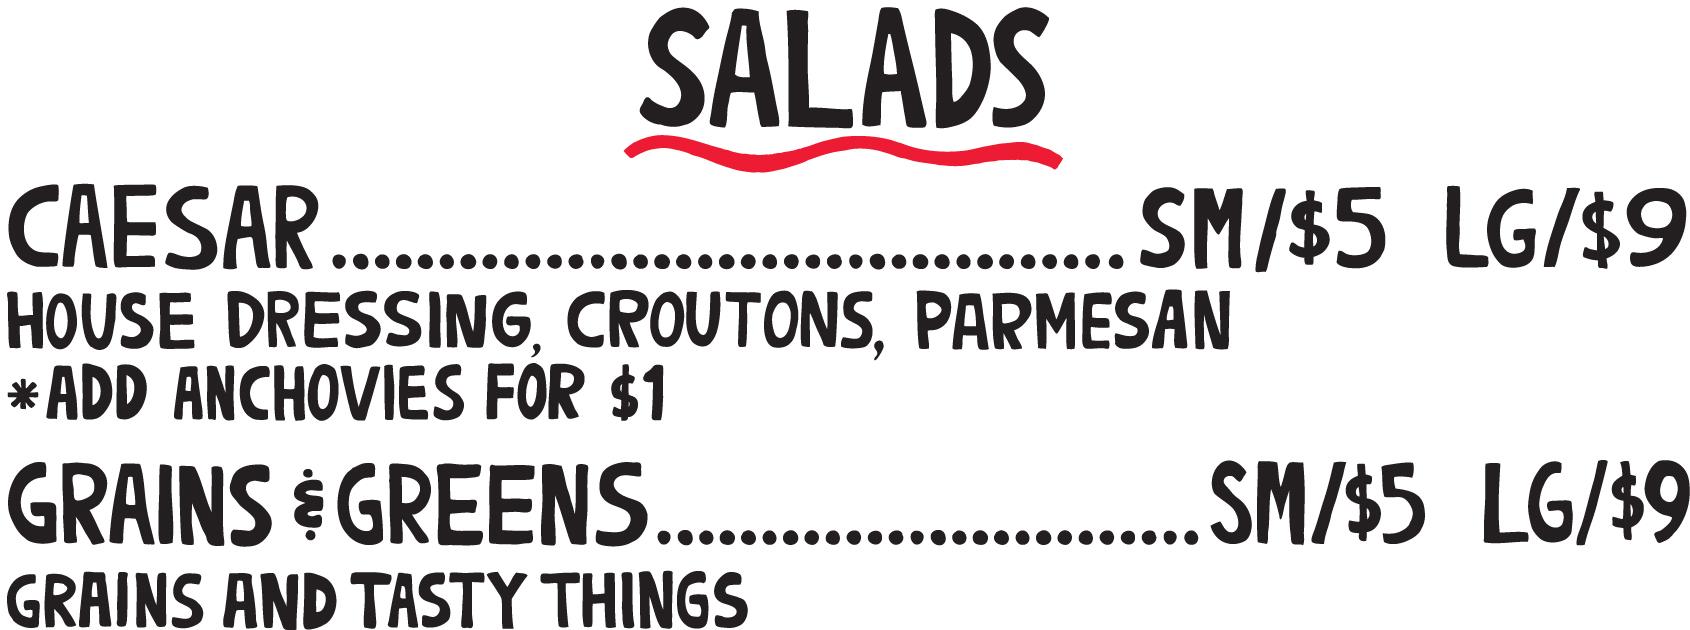 ns-salads-menu-1.jpg